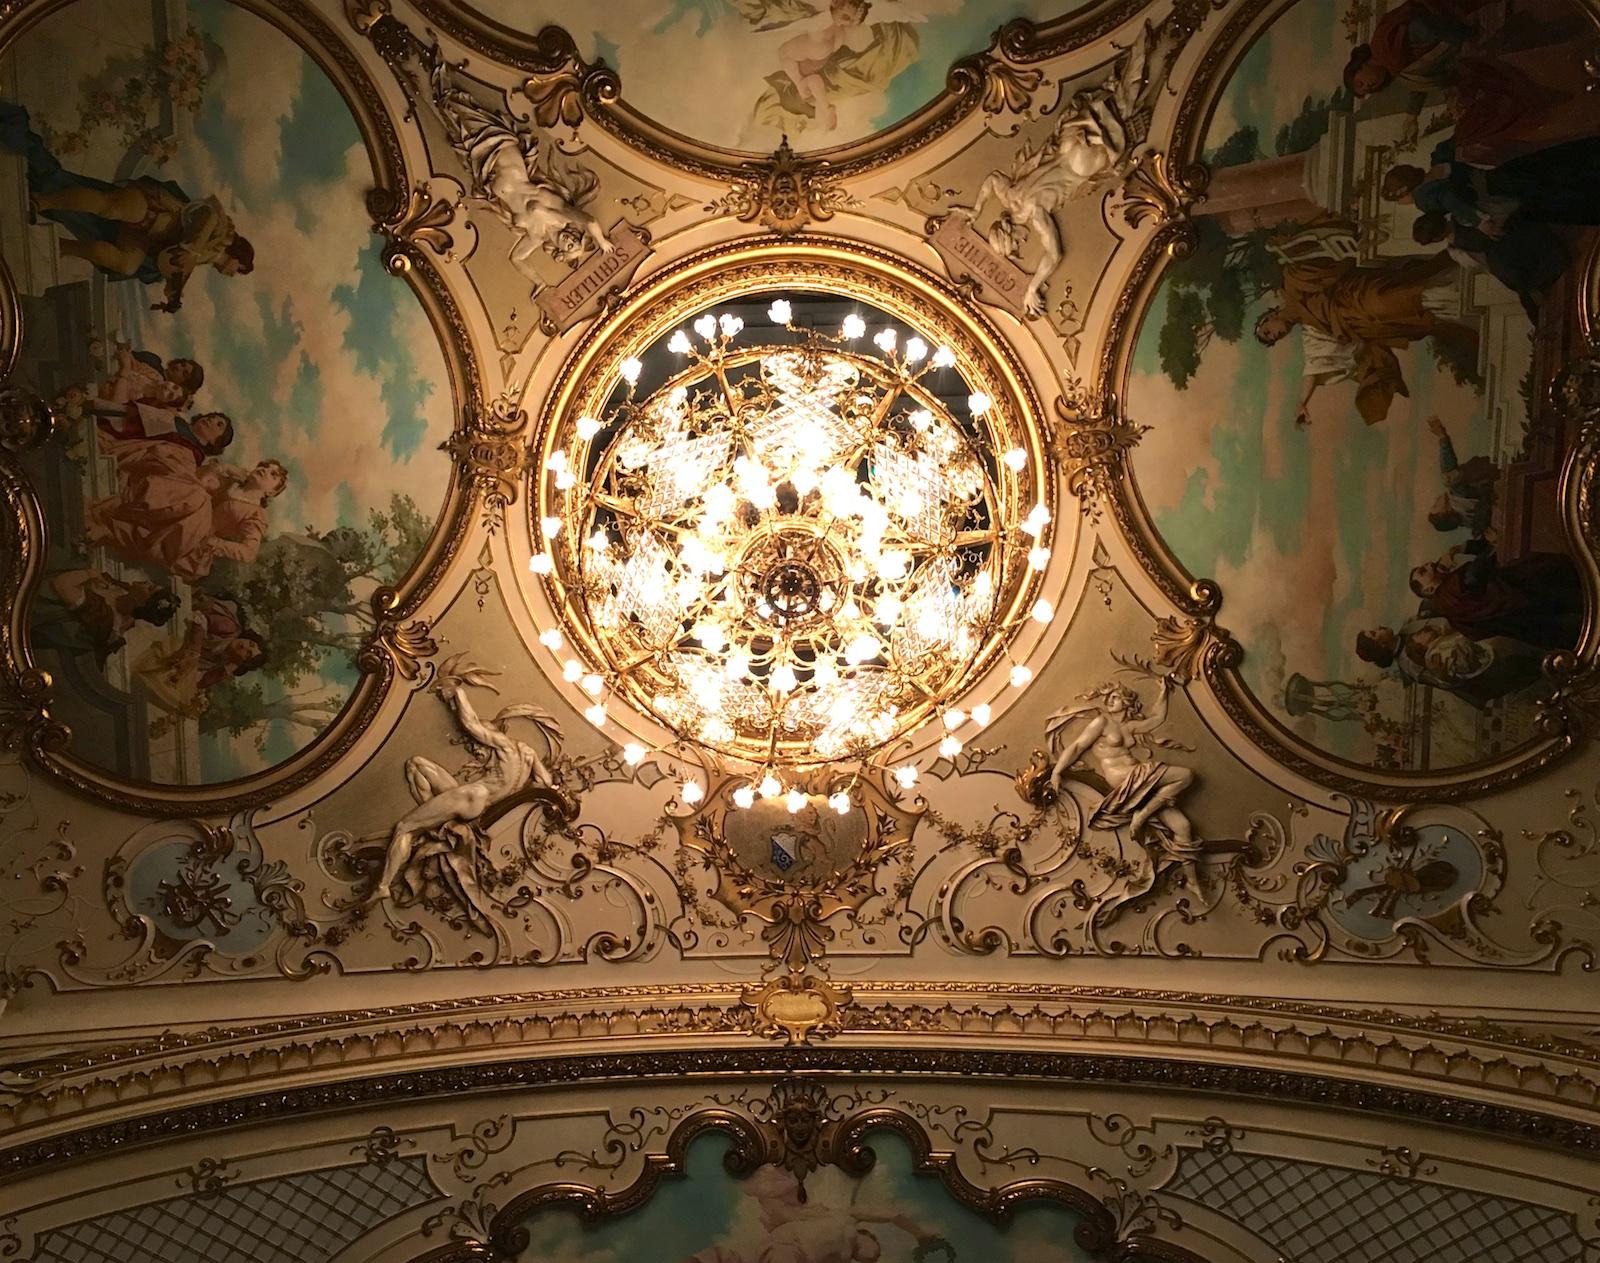 Zurich Opera, ceiling, 2017-10-02 (© Rolf Kyburz)